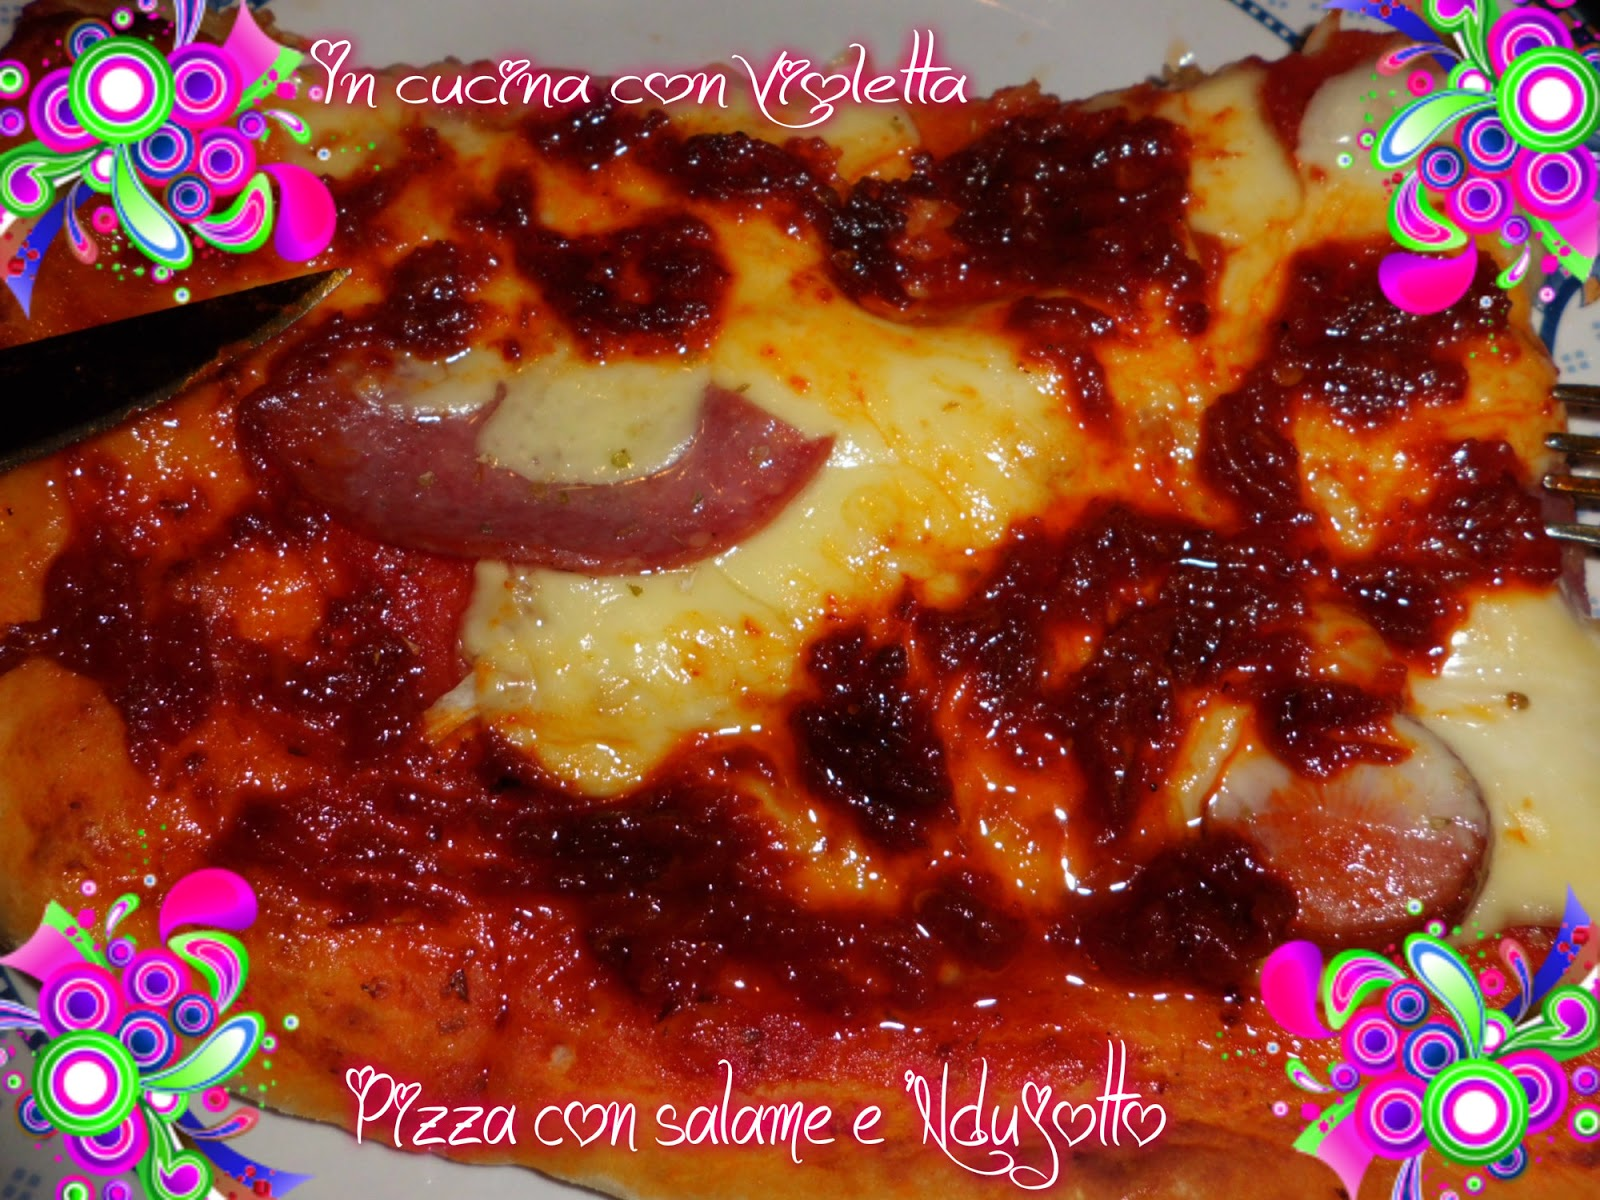 In Cucina Con Violetta: Pizza e Ndujotto